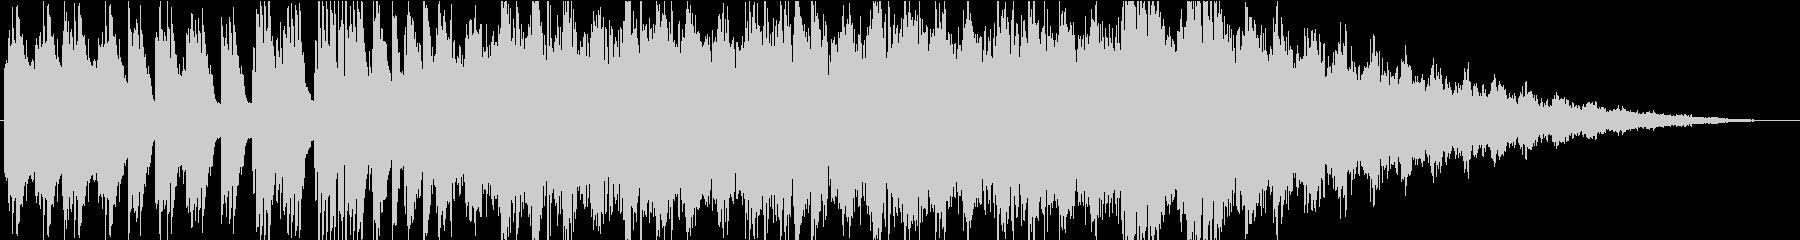 森で彷徨うような幻想的なピアノBGMの未再生の波形